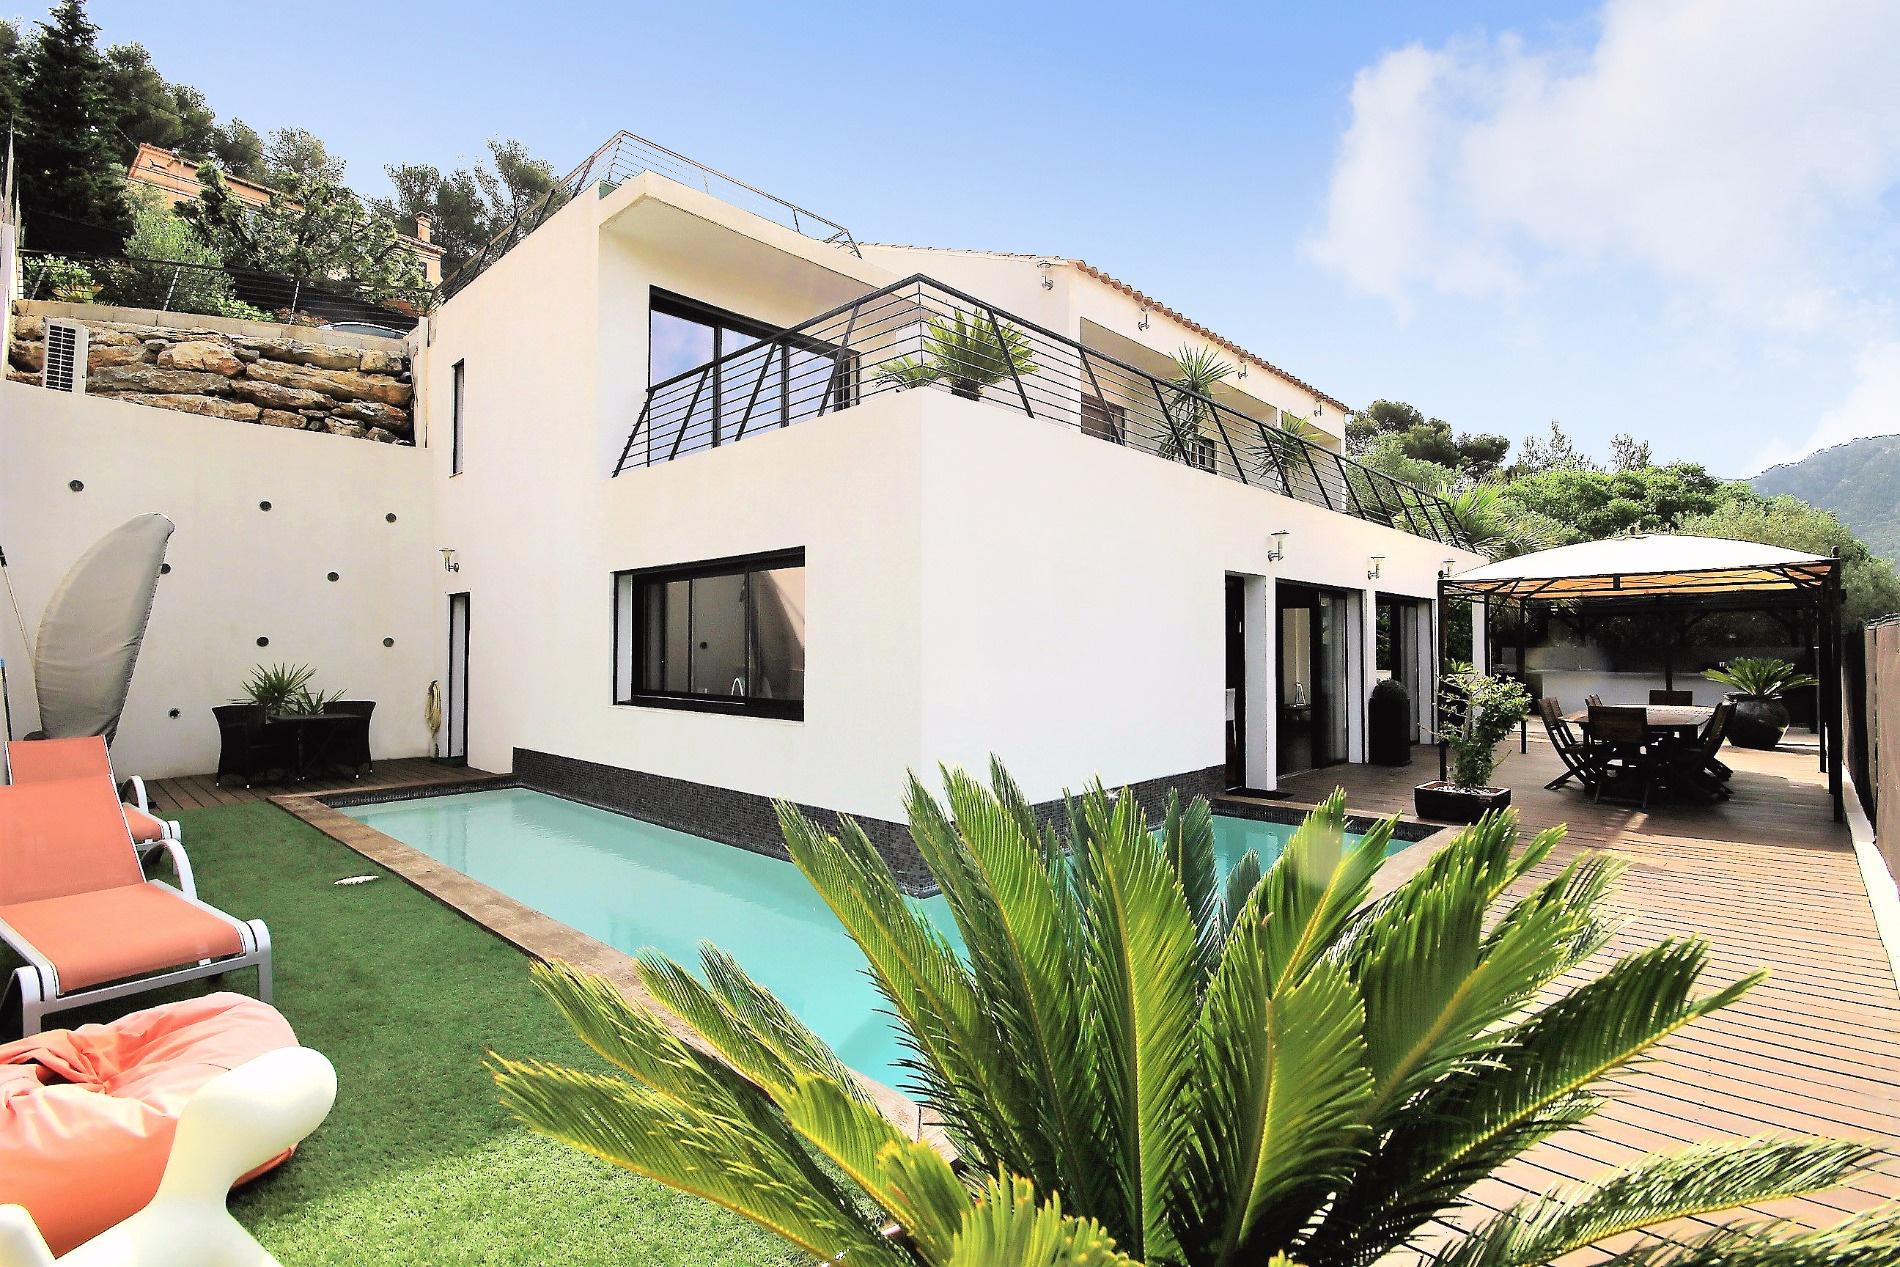 Vente maisons villas et appartements la valette du var for Achat maison la valette du var